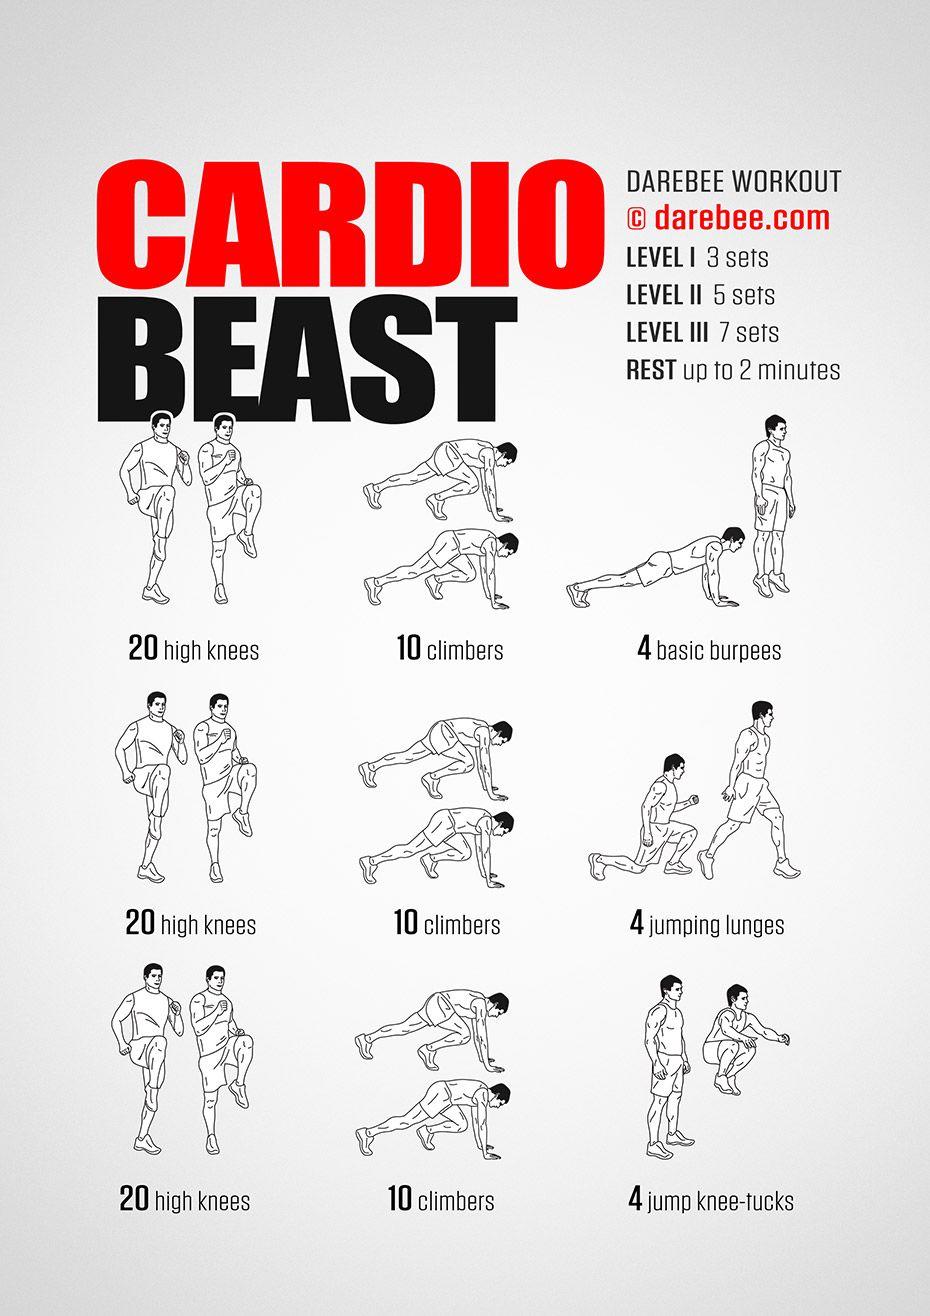 Cardio Workout - Cardio Exercise Challenge